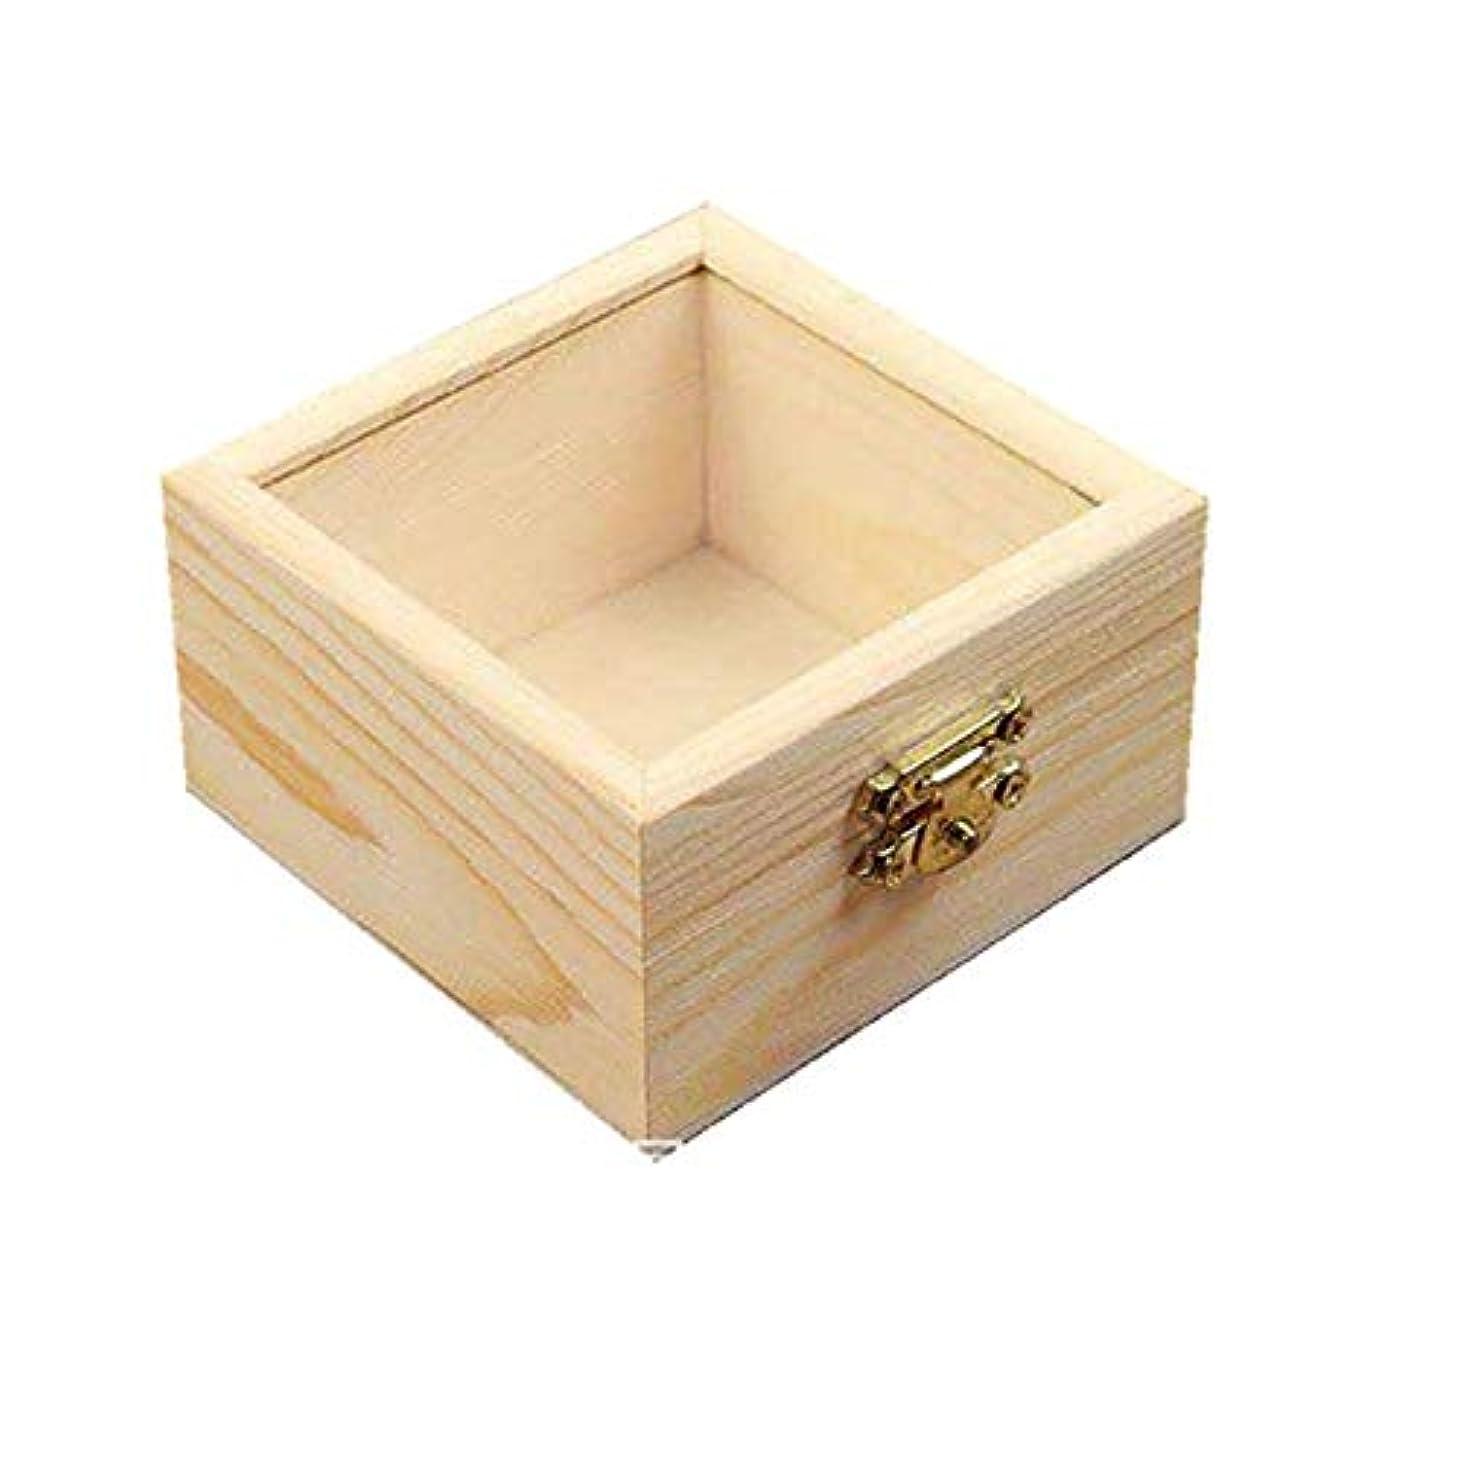 蜂器具報酬のエッセンシャルオイルボックス 空気への暴露のリスクを軽減するエッセンシャルオイル木箱完全に適切なストレージ アロマセラピー収納ボックス (色 : Natural, サイズ : 8.5X8.5X5CM)